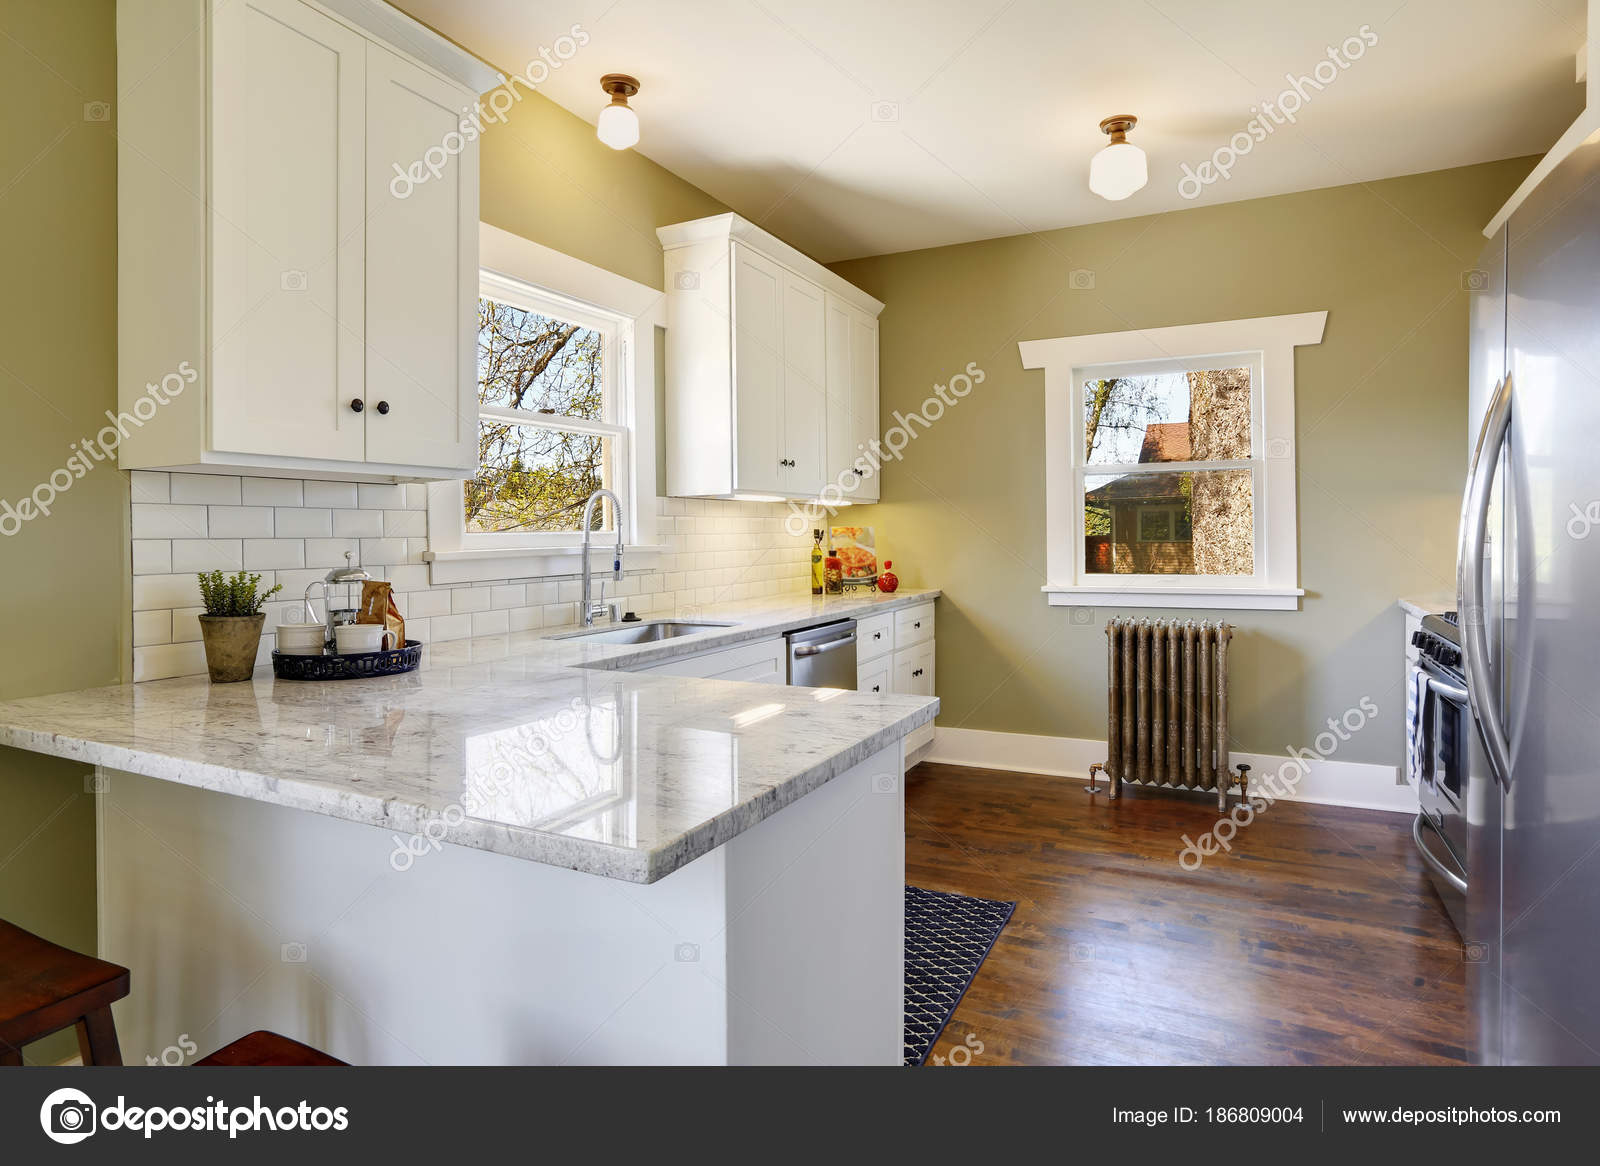 kitchen updates storage cabinet for 新鲜更新的白色和绿色厨房房间内部 图库照片 c iriana88w 186809004